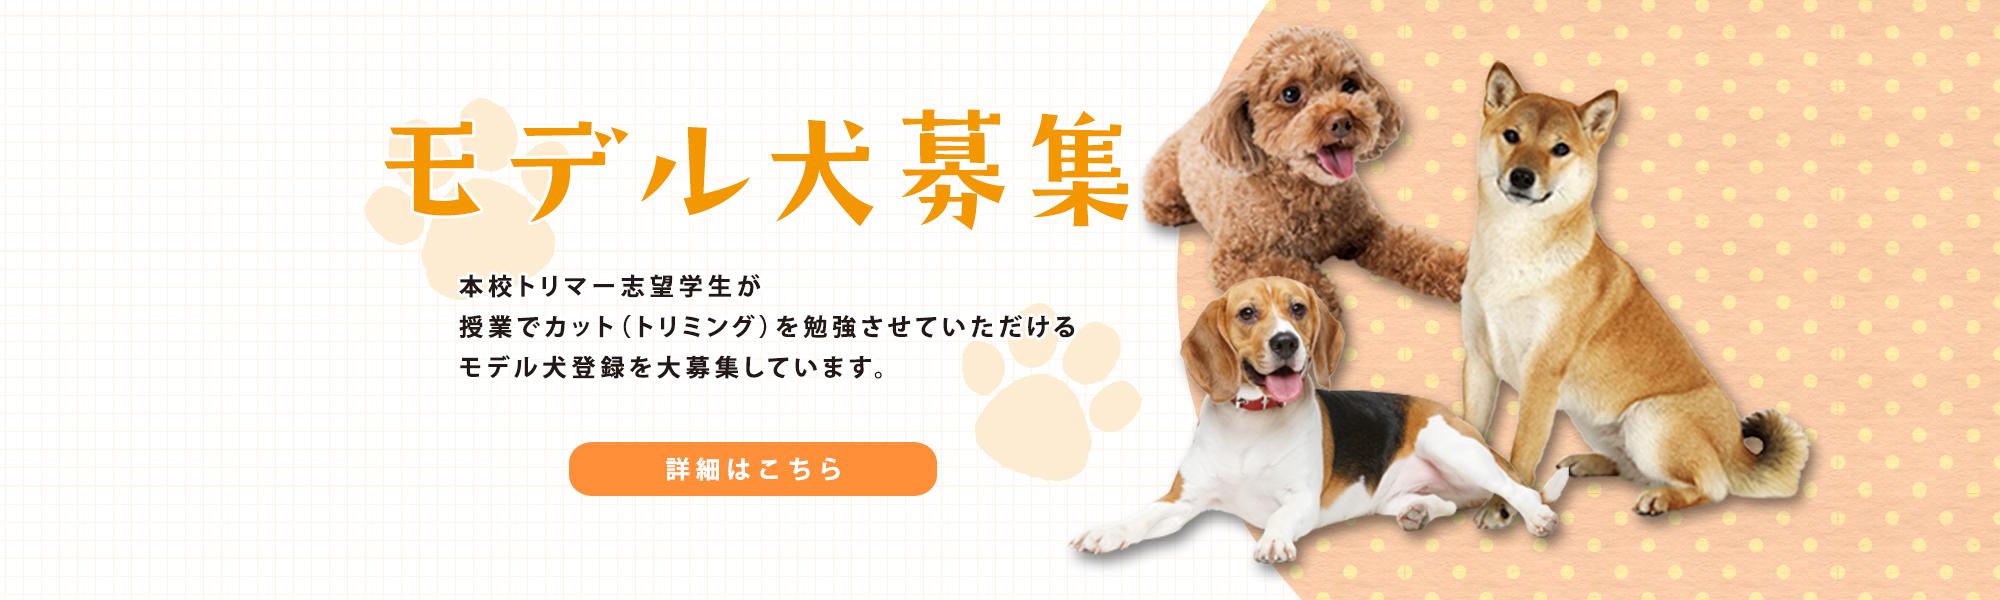 モデル犬募集